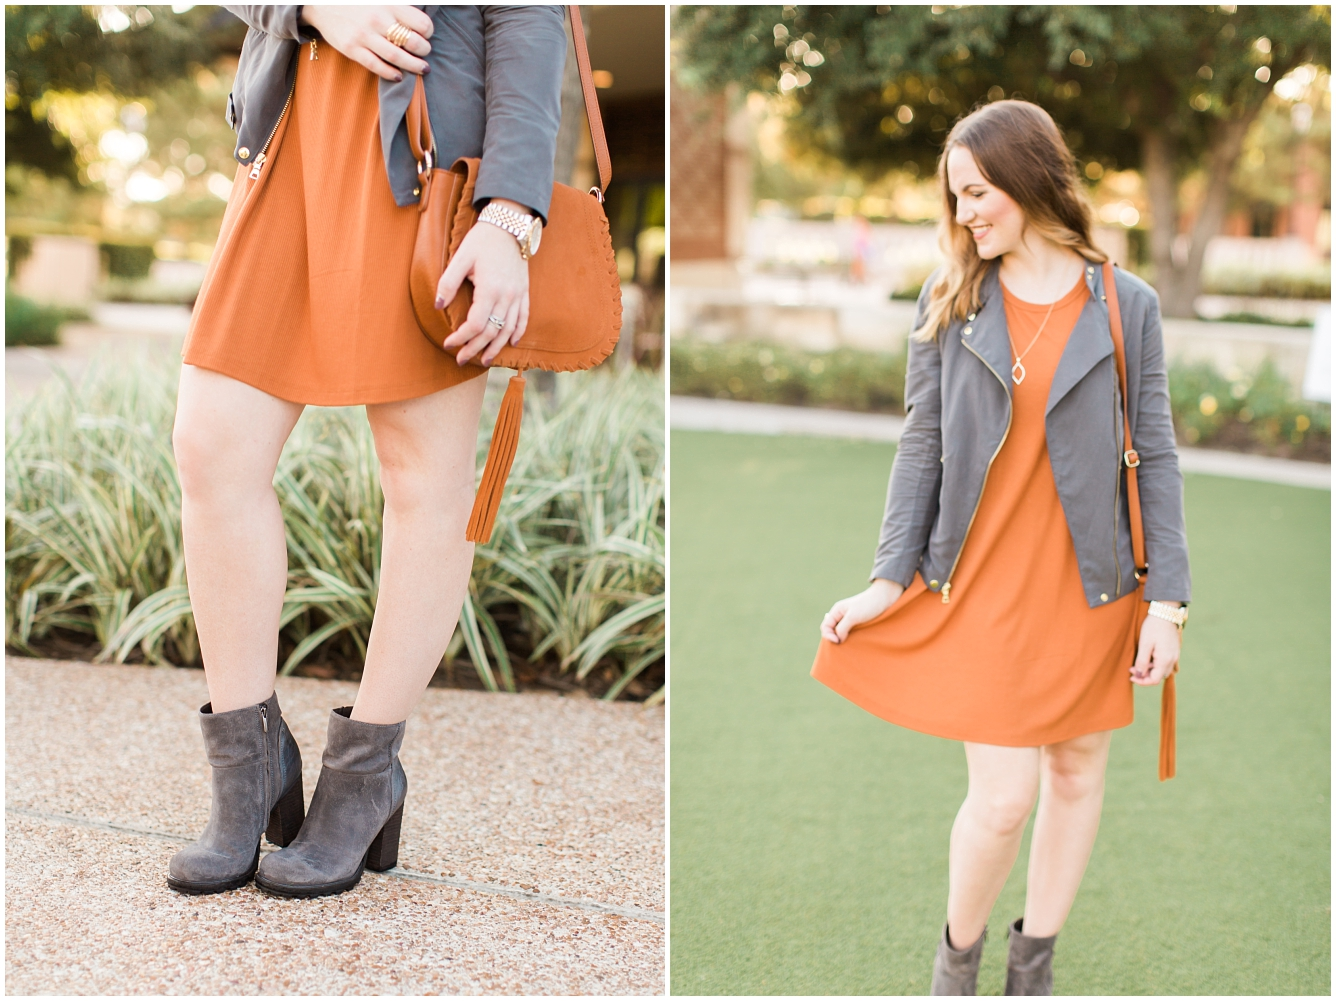 houston-tx-fashion-blogger-photographer-20